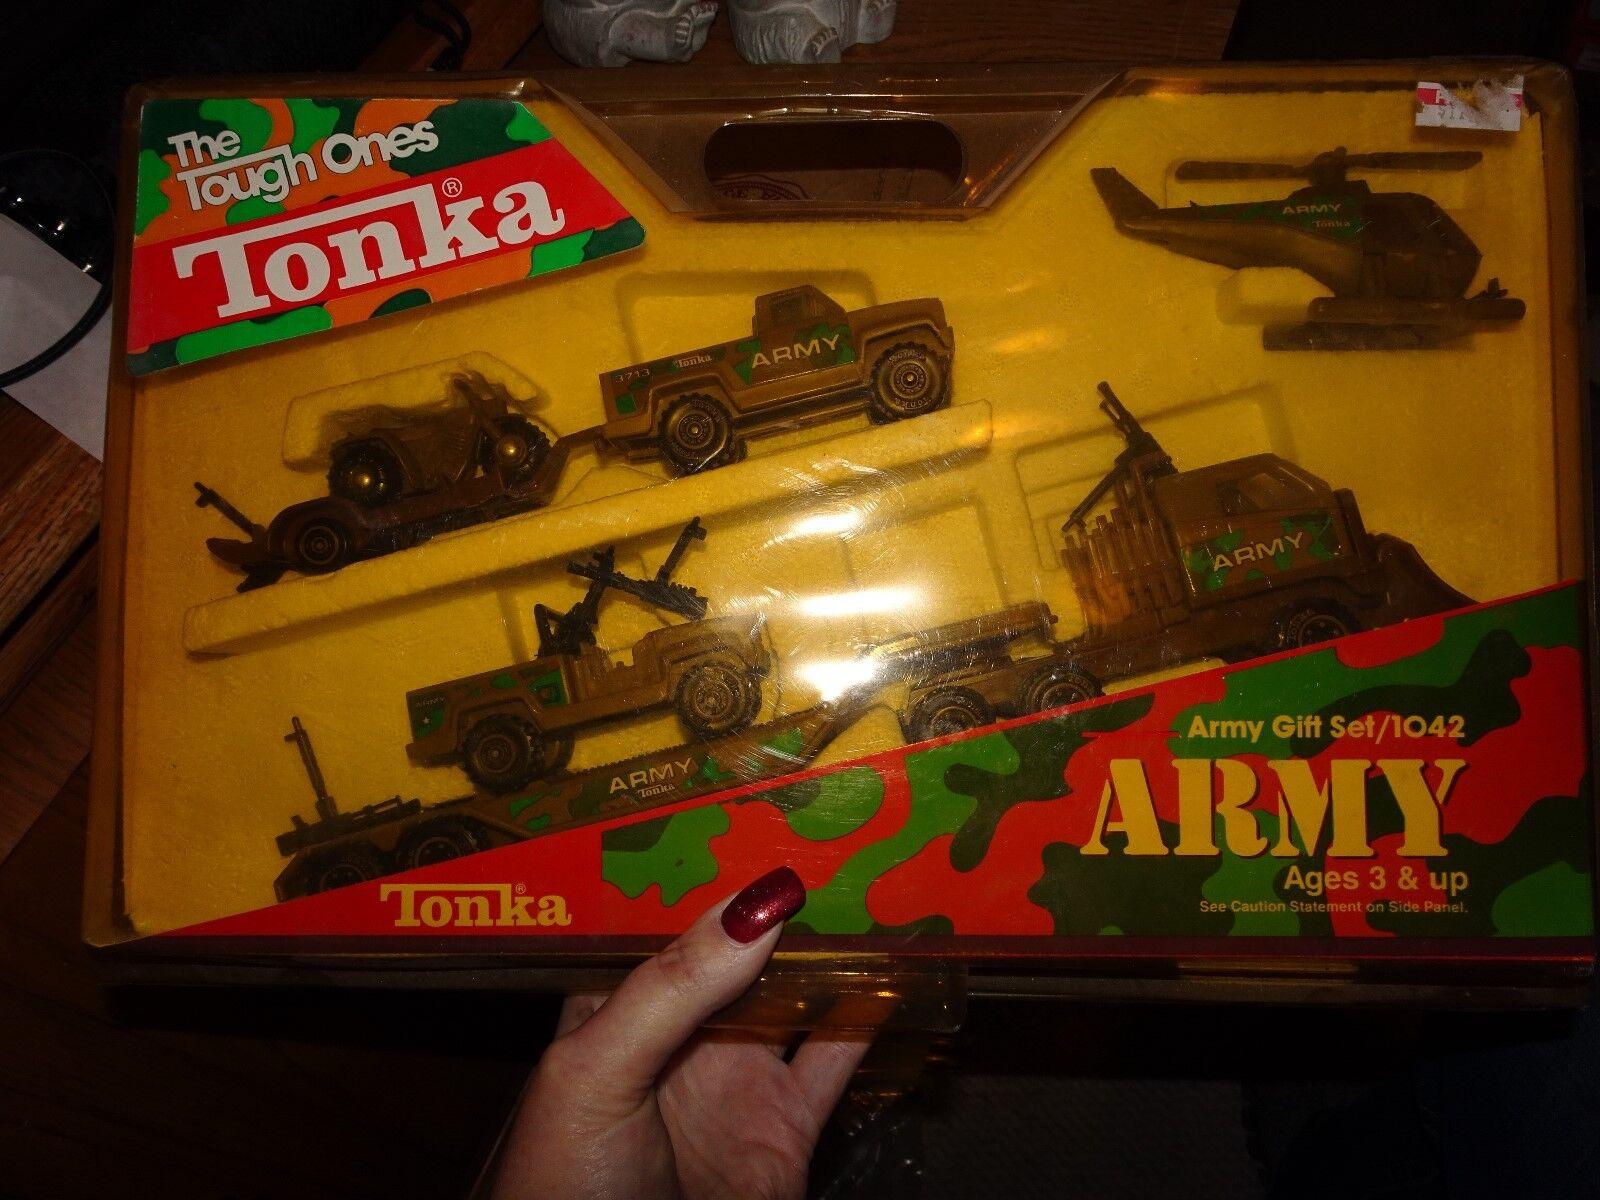 Vintage 1988 Tonka The Tough Ones Army Gift Set 1042 RARE